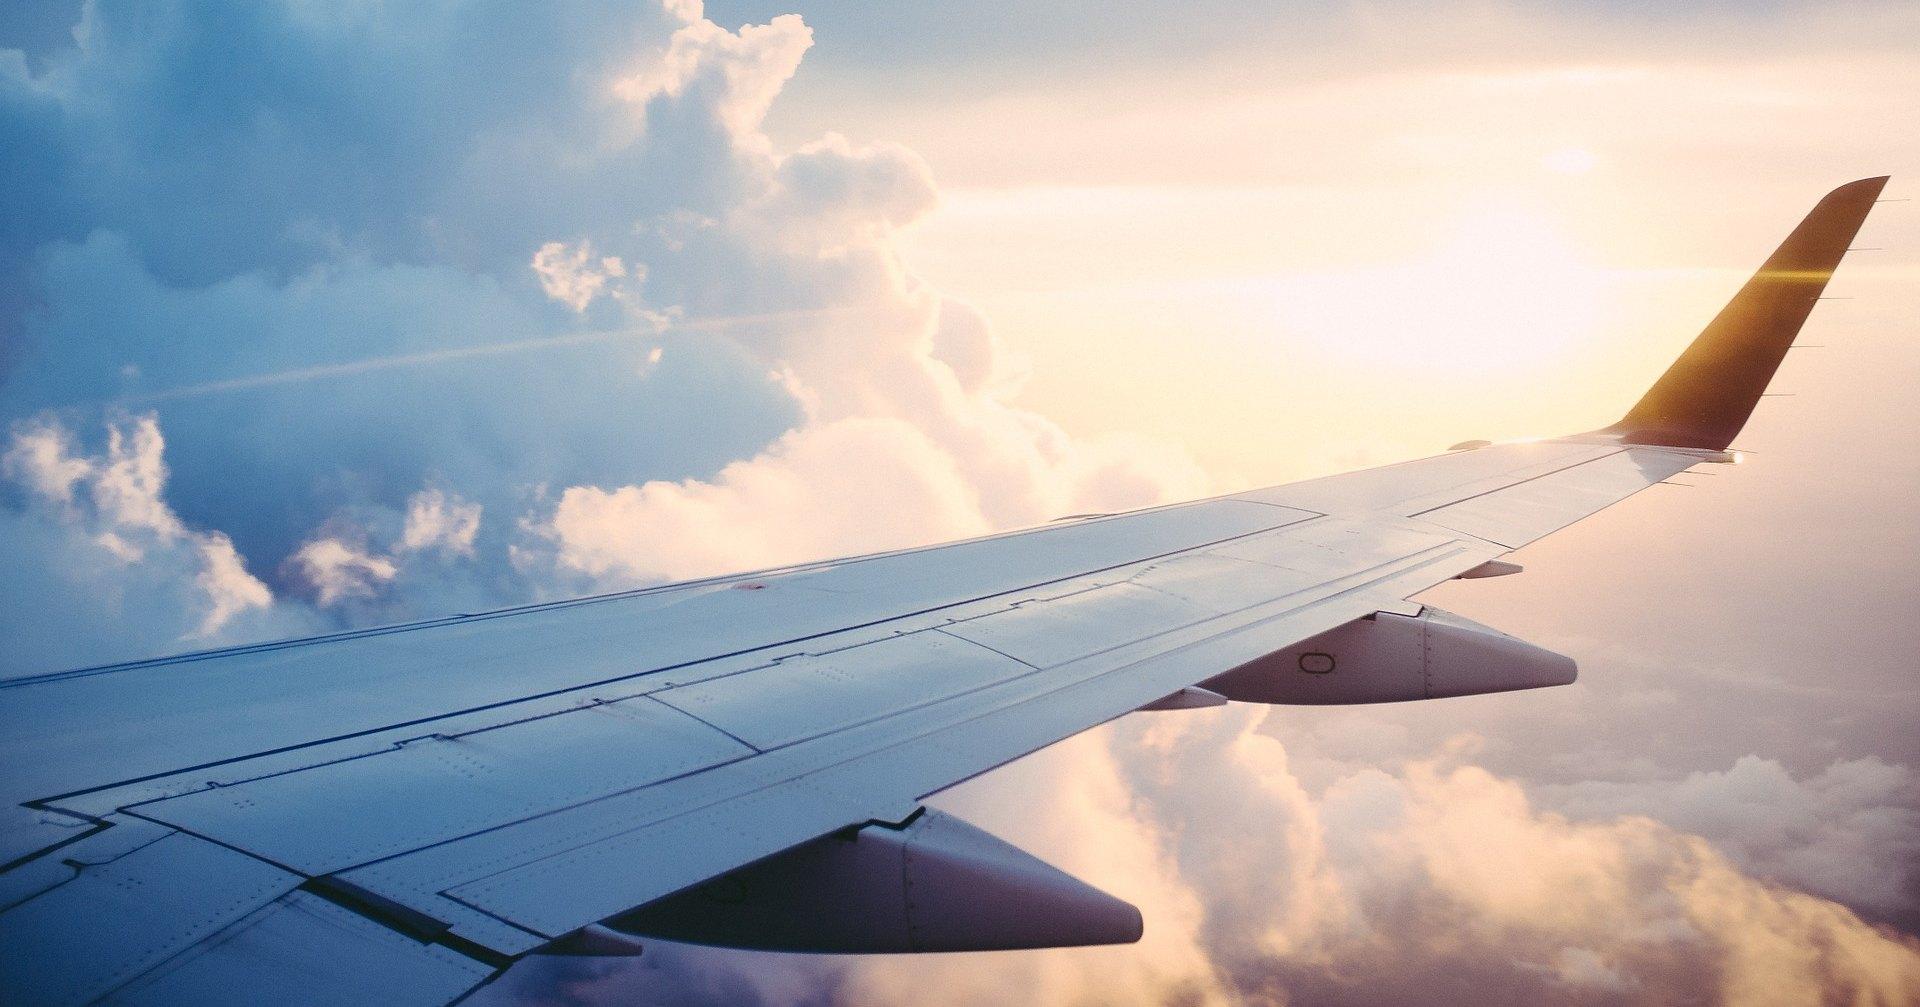 Сколько топлива берет с собой самолет, выполняющий рейс?